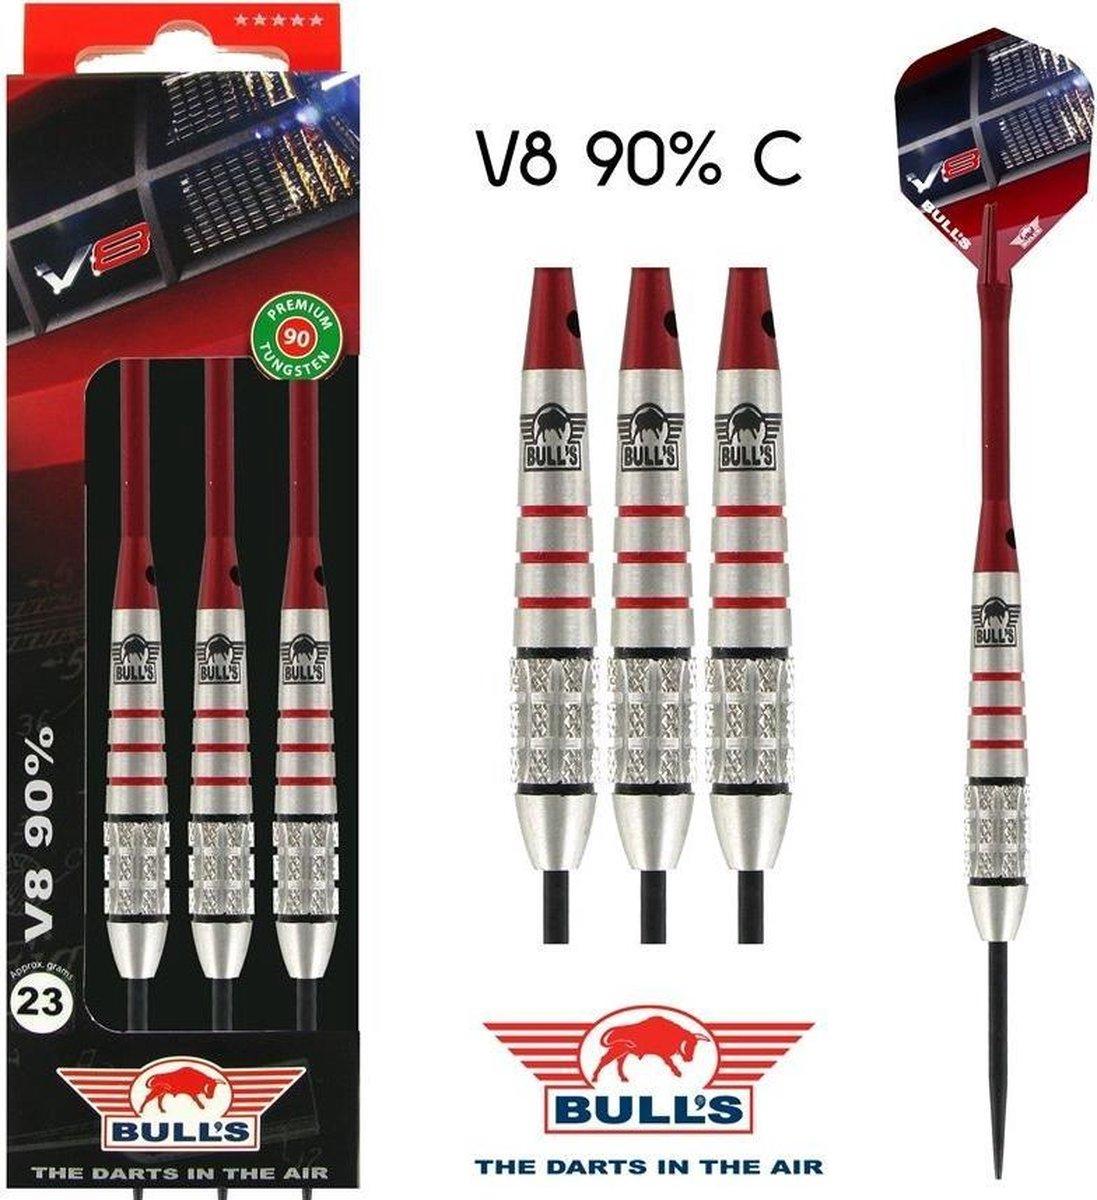 BULL'S V8 90% Tungsten dartpijlen - 26 gram